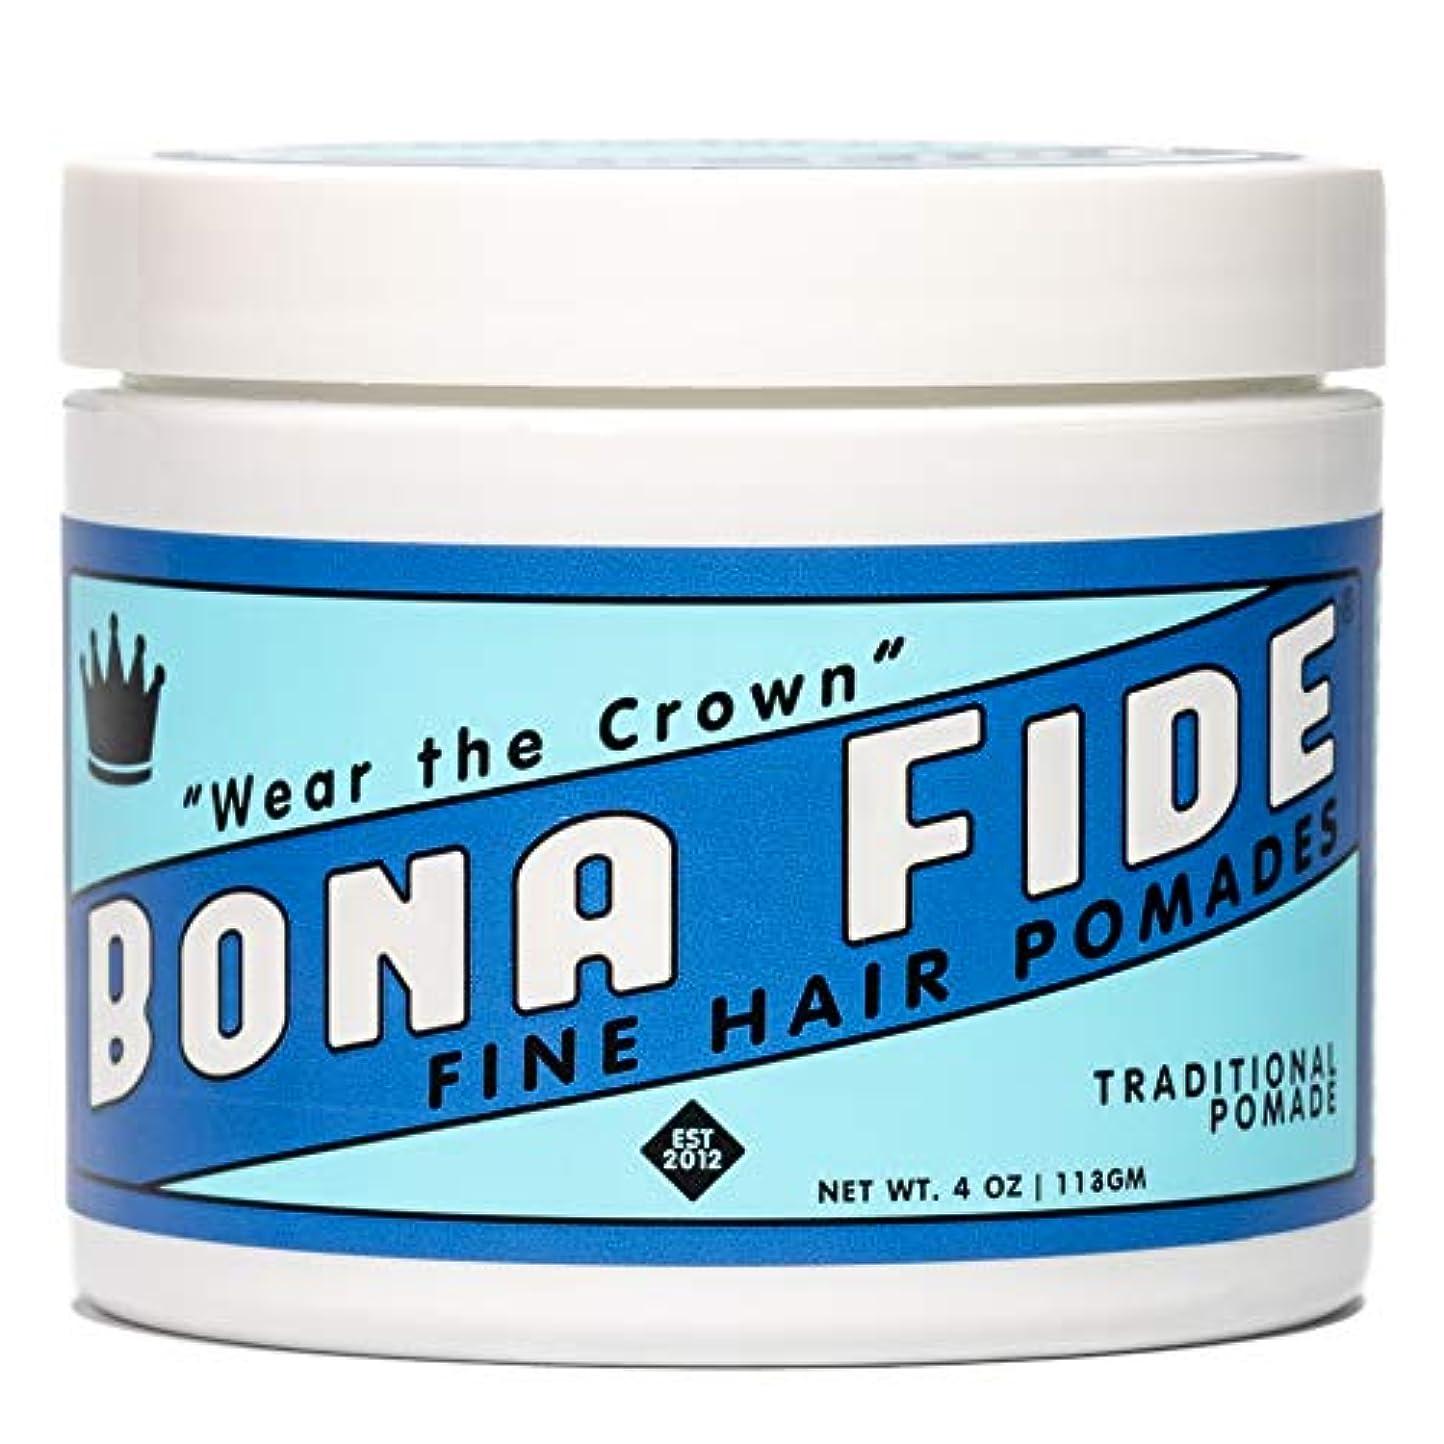 優しい製作分散Bona Fide Pomade, トラディショナルポマード, TRADITIONAL POMADE, 4oz (113g)、オイルベースポマード (整髪料/ヘアー スタイリング剤)